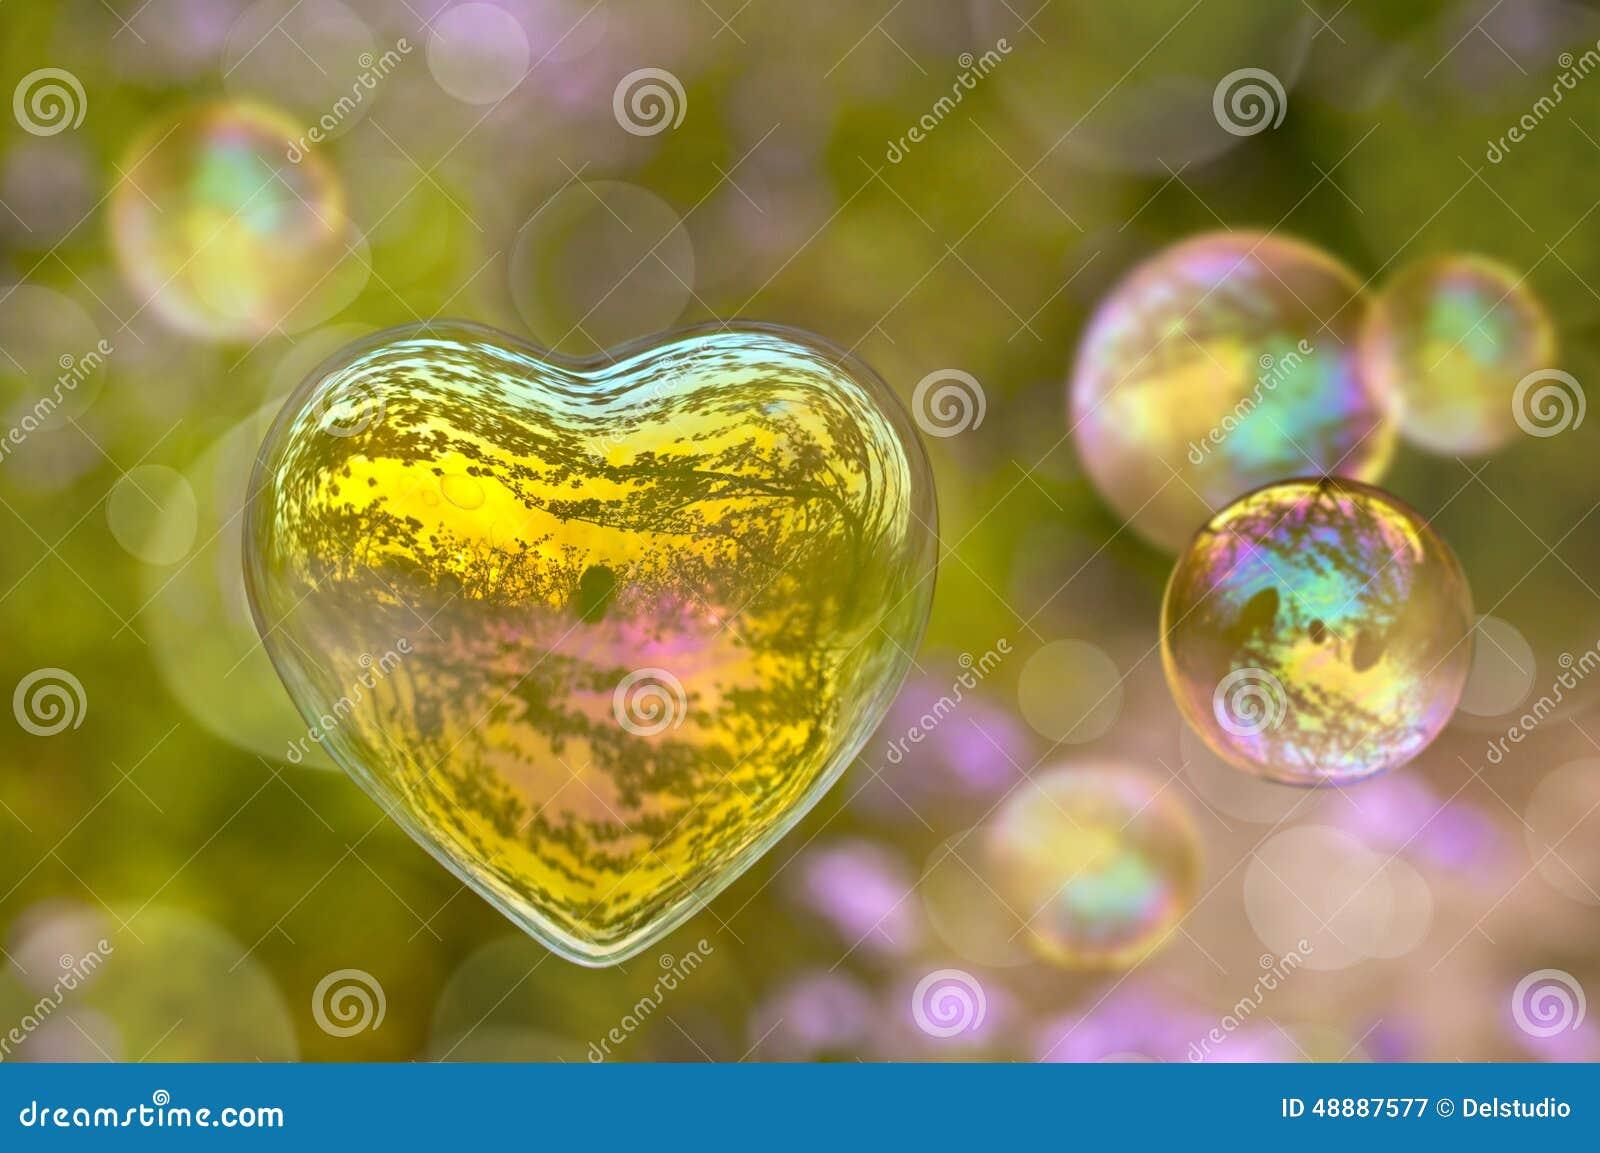 Image Bulle bulle de savon sous forme de coeur image stock - image du romantique